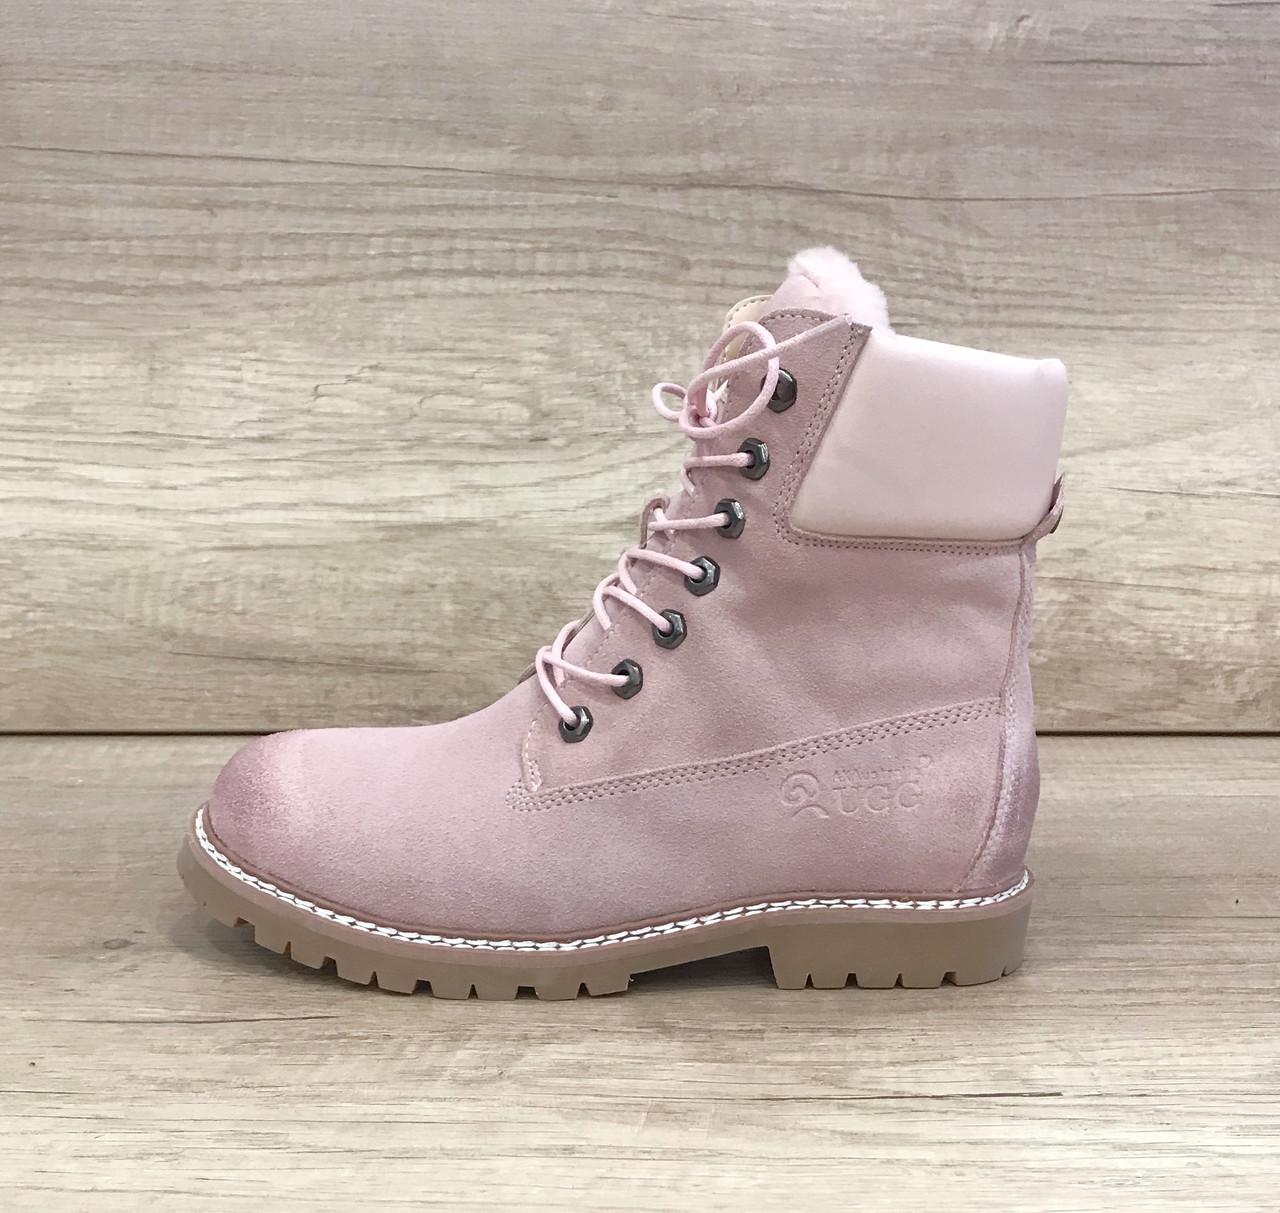 Бледно-розовые кожаные женские ботинки угг UGG Women's Boots Pink